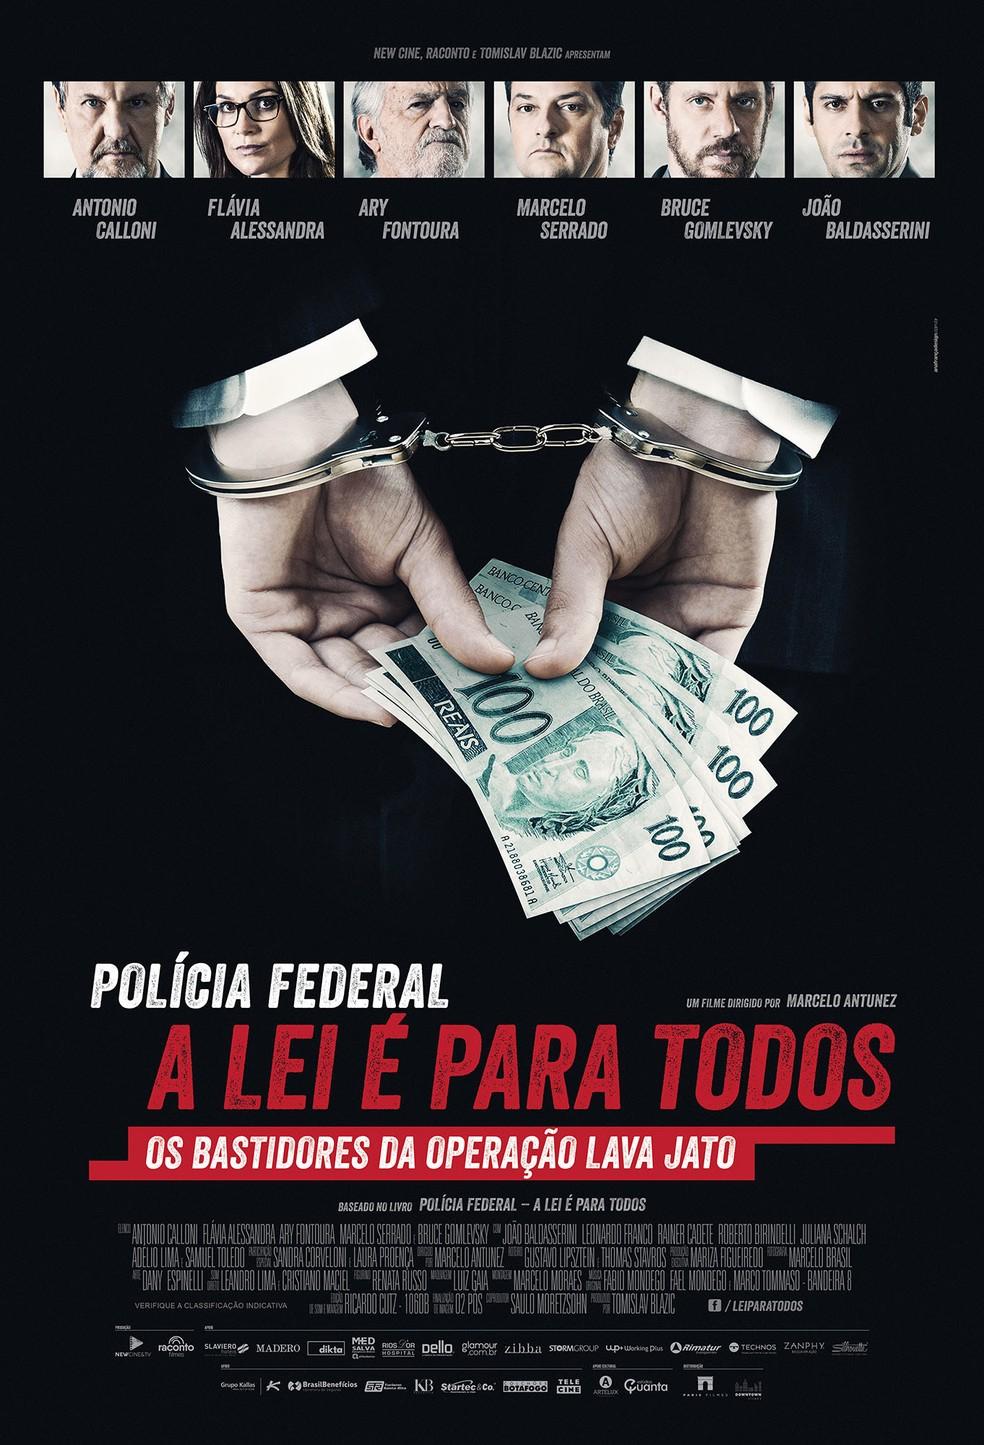 cartaz-policia-federal-a-lei-e-para-todos.jpg